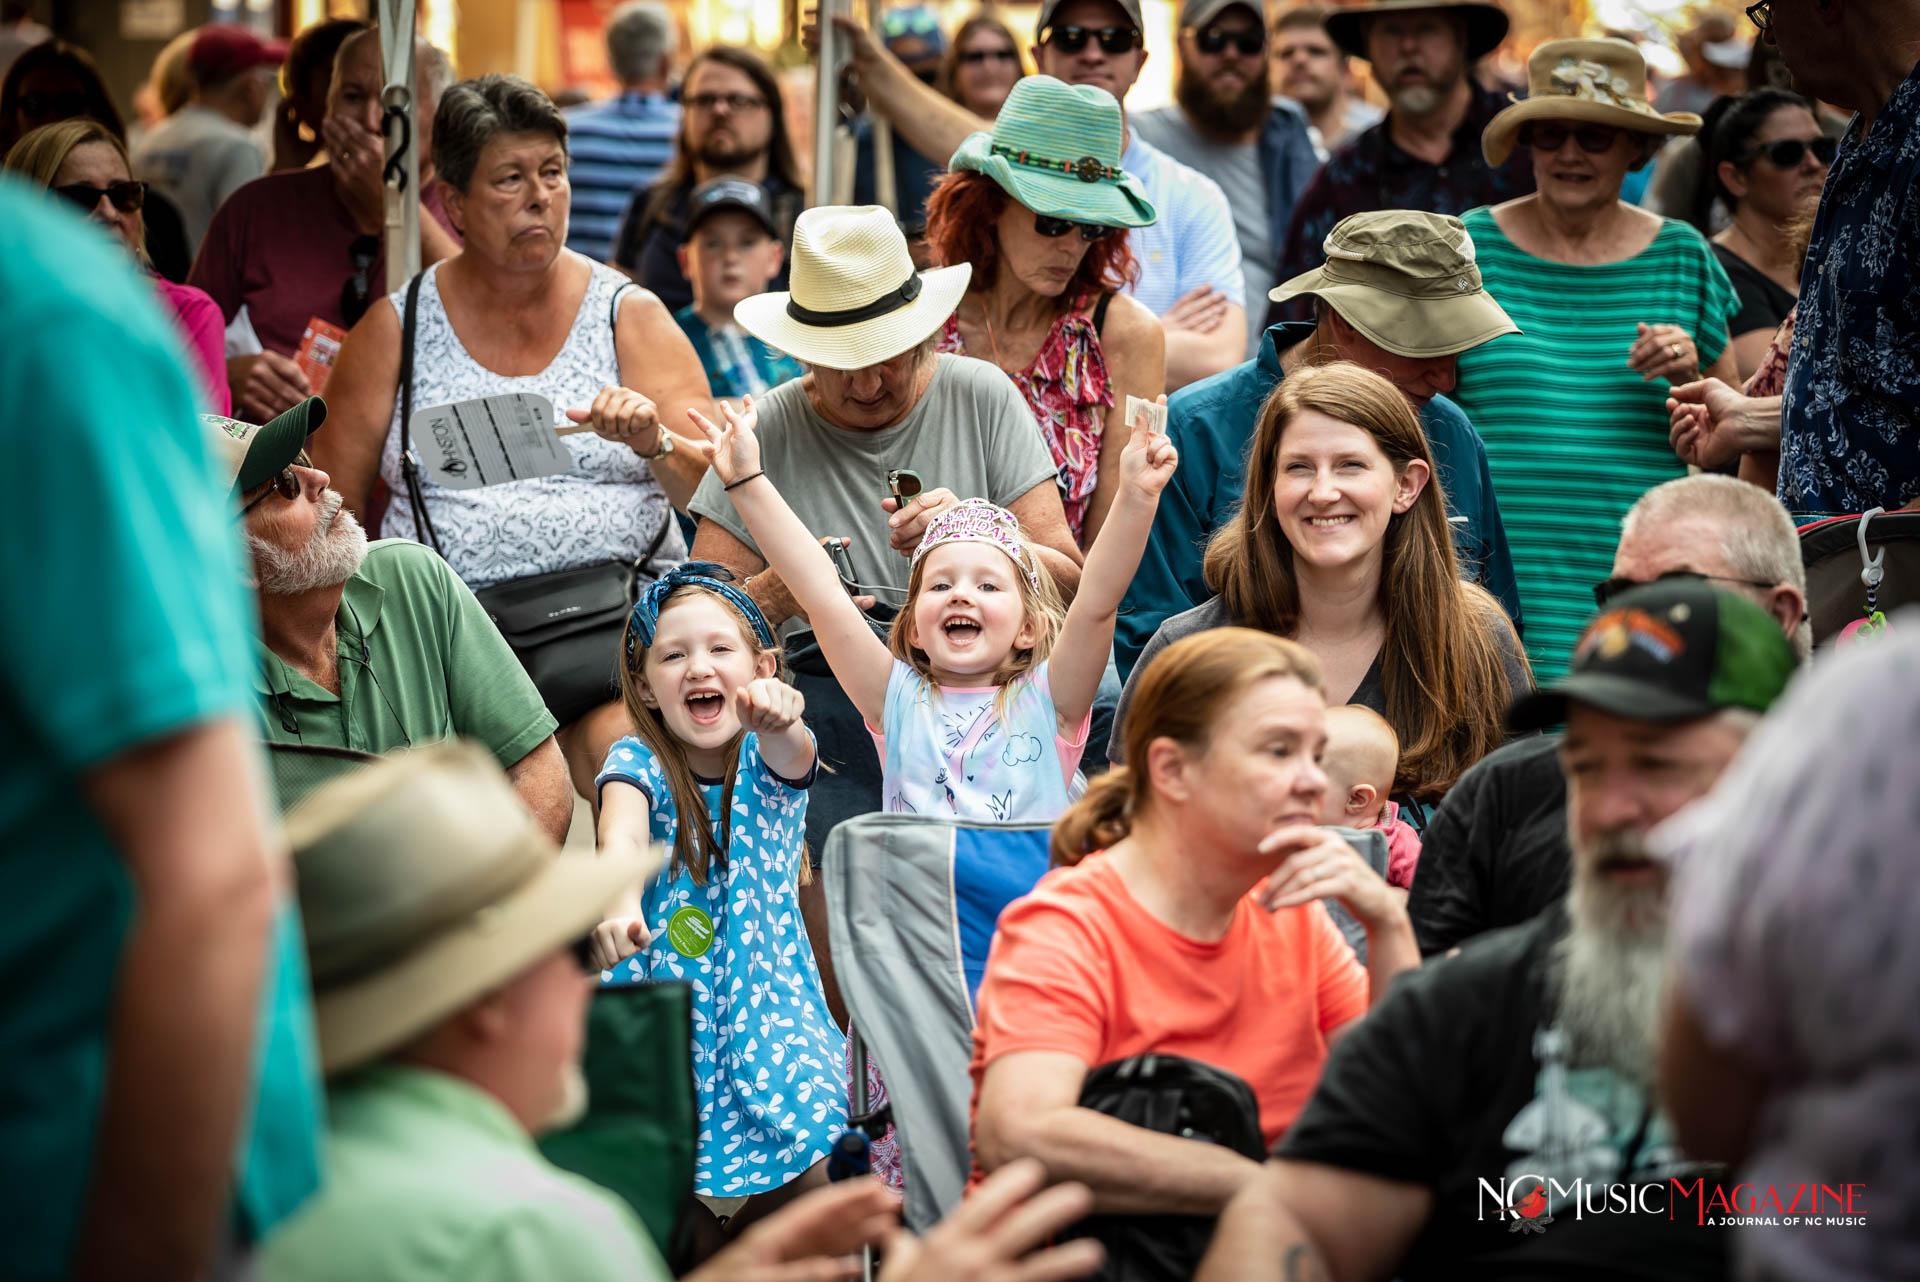 Streetfest 2019 - Festival Life 1.jpg